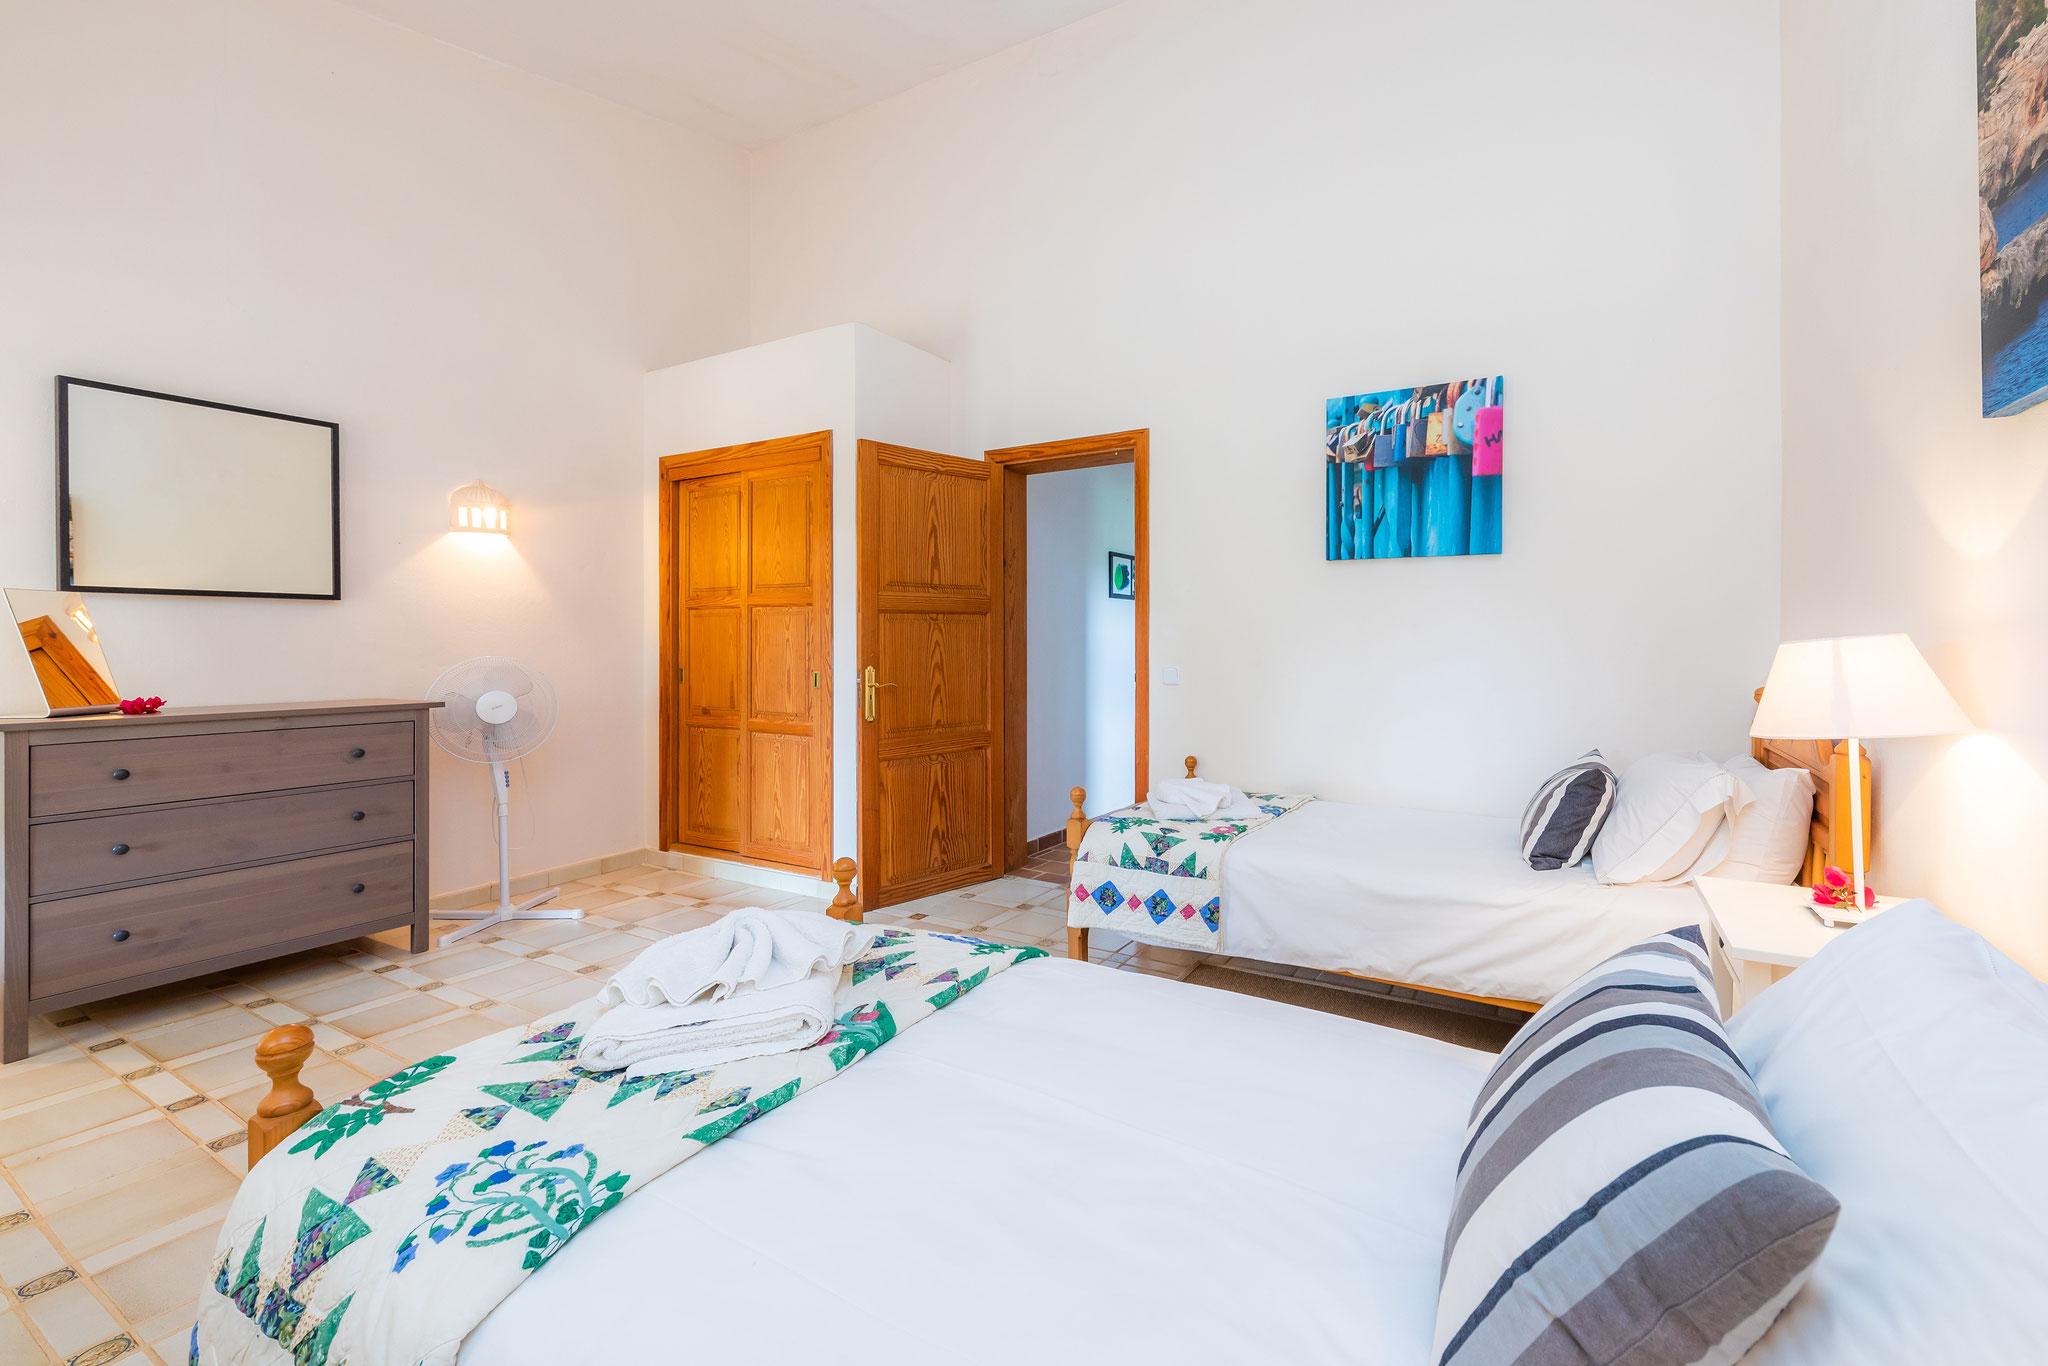 primera planta, dormitorio 2 con dos camas individuales